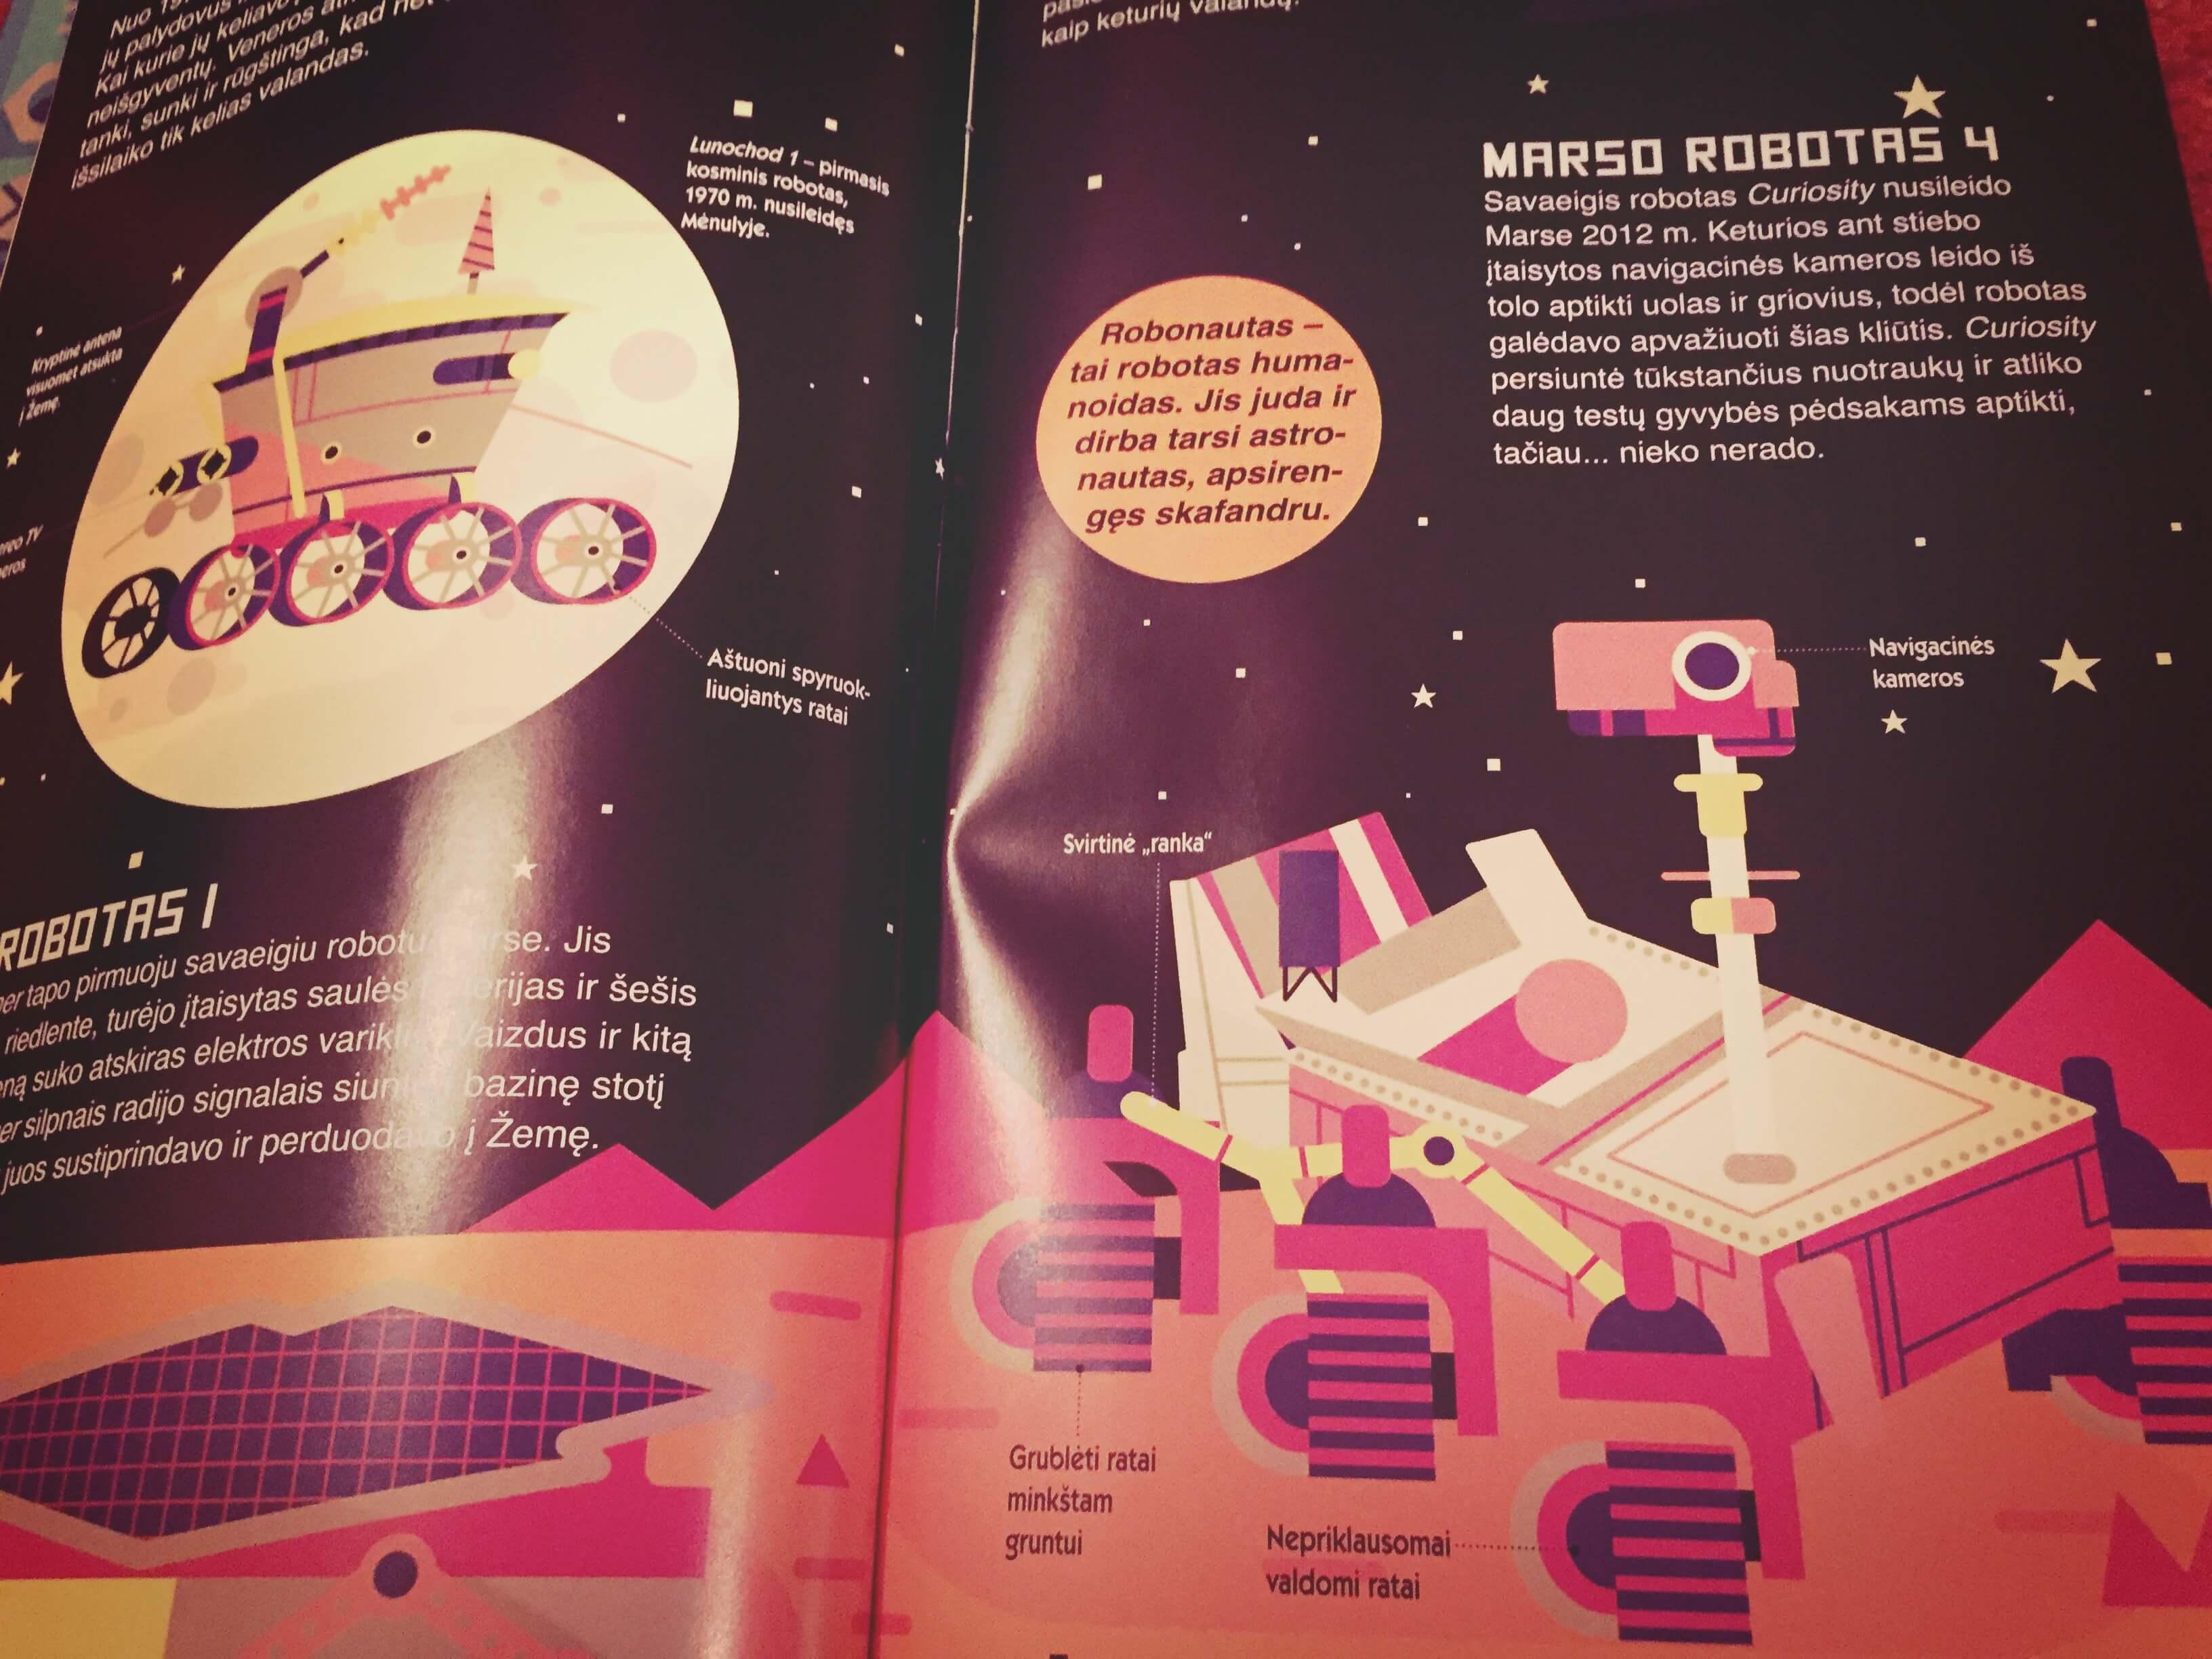 knyga apie robotus